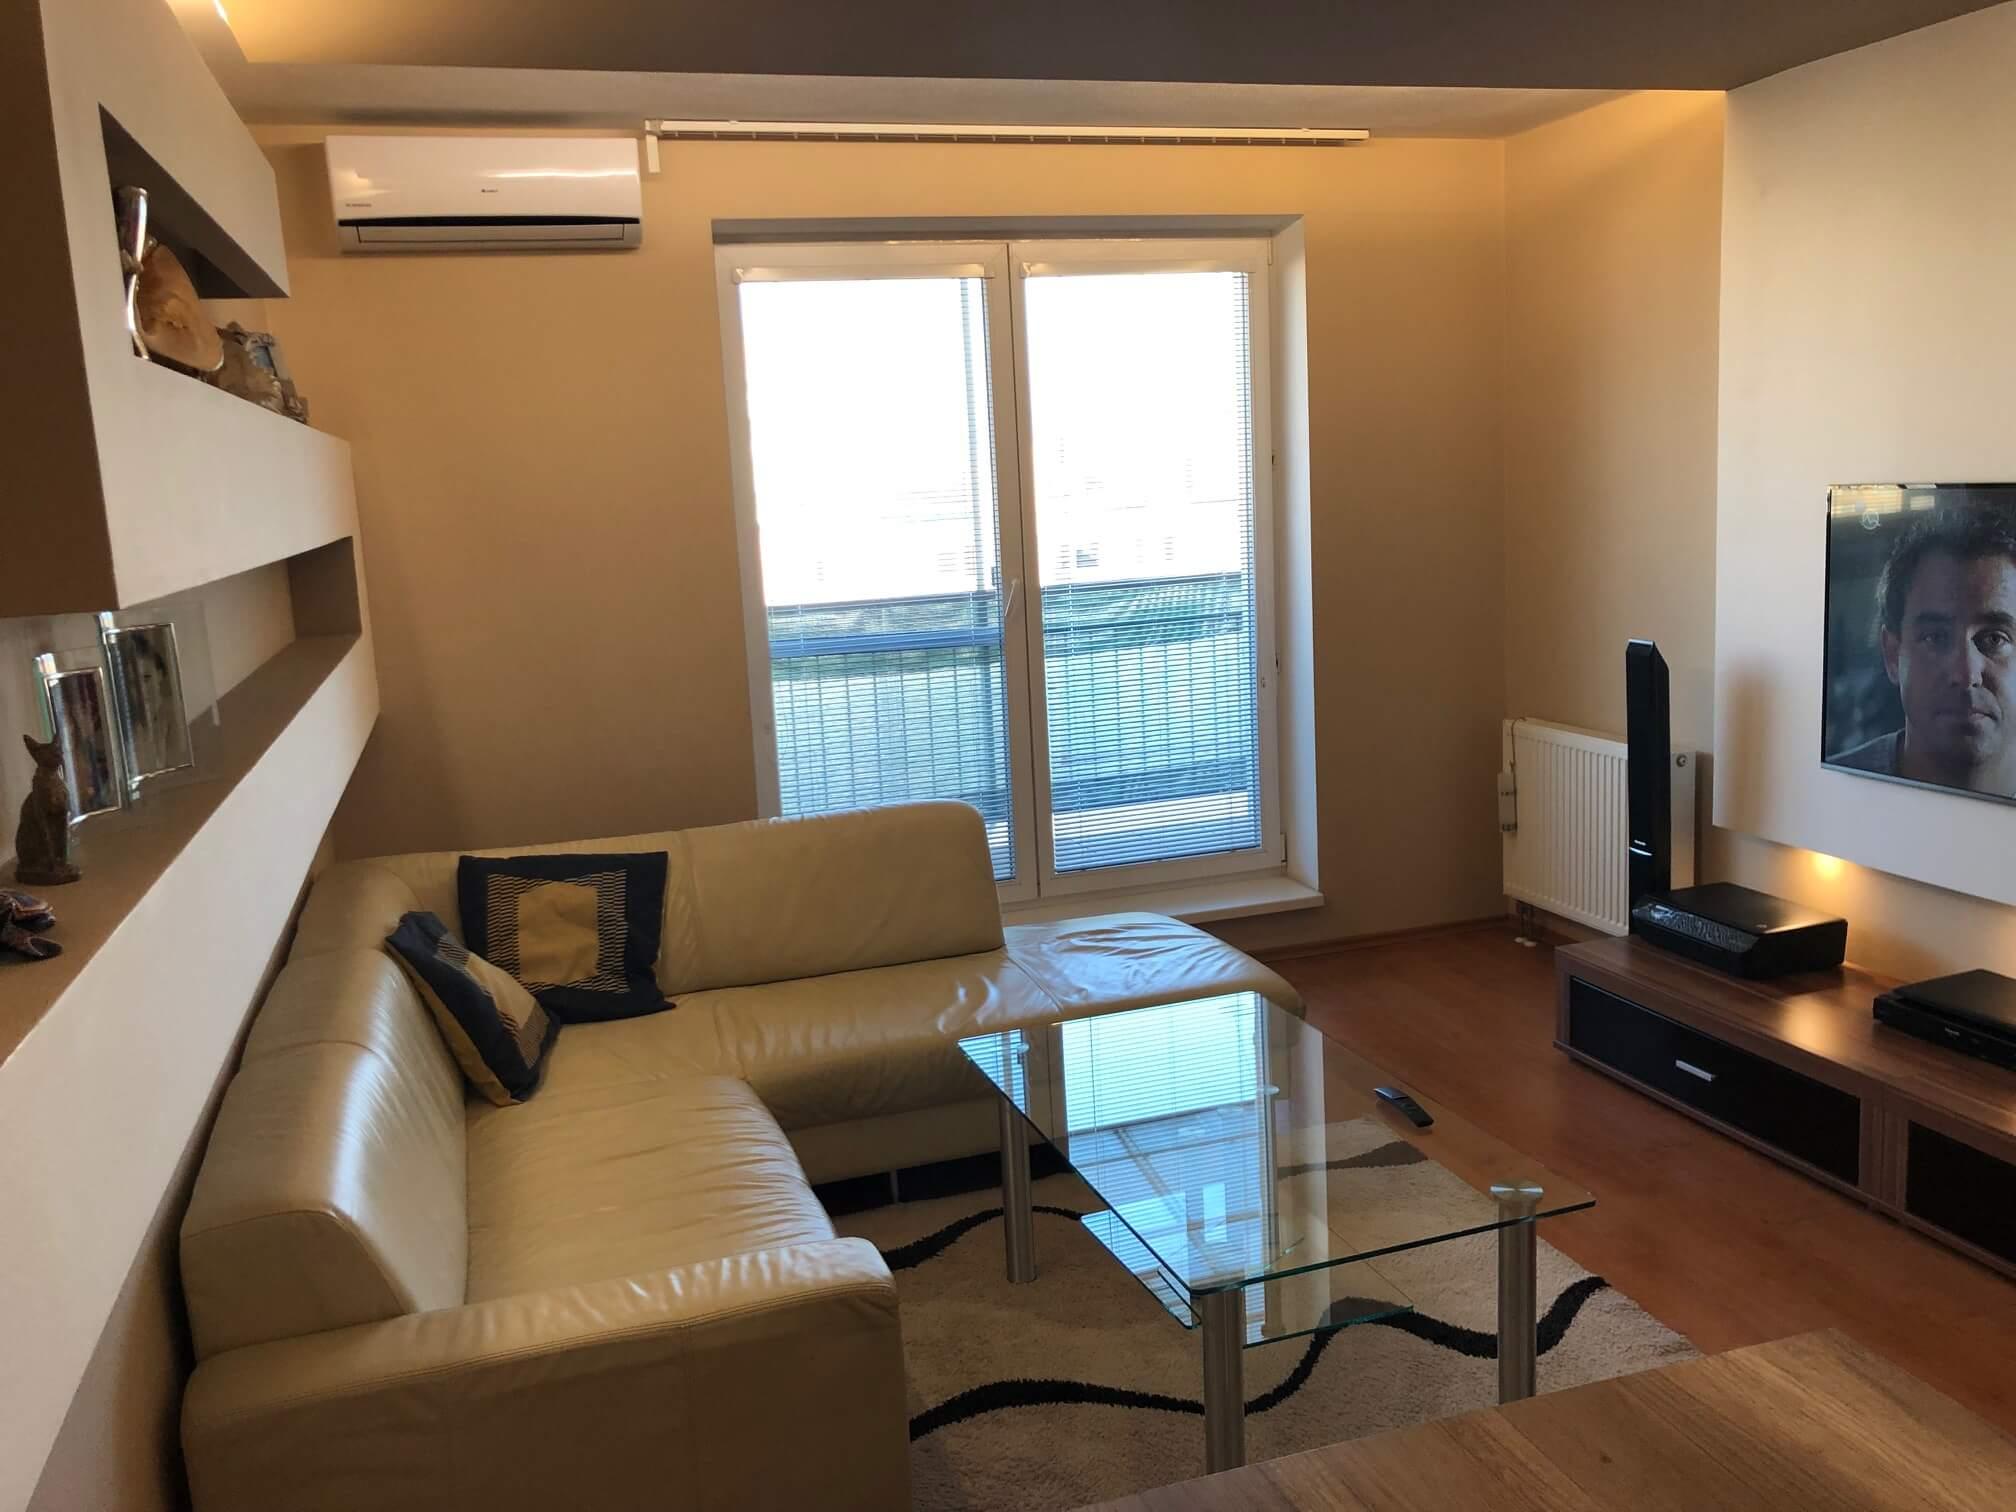 Predané: Exkluzívne na predaj 3 izb. byt, 72 m2, balkón 8 m2, parkovacie státie, Bratislava, Petržalka, Budatínska-13